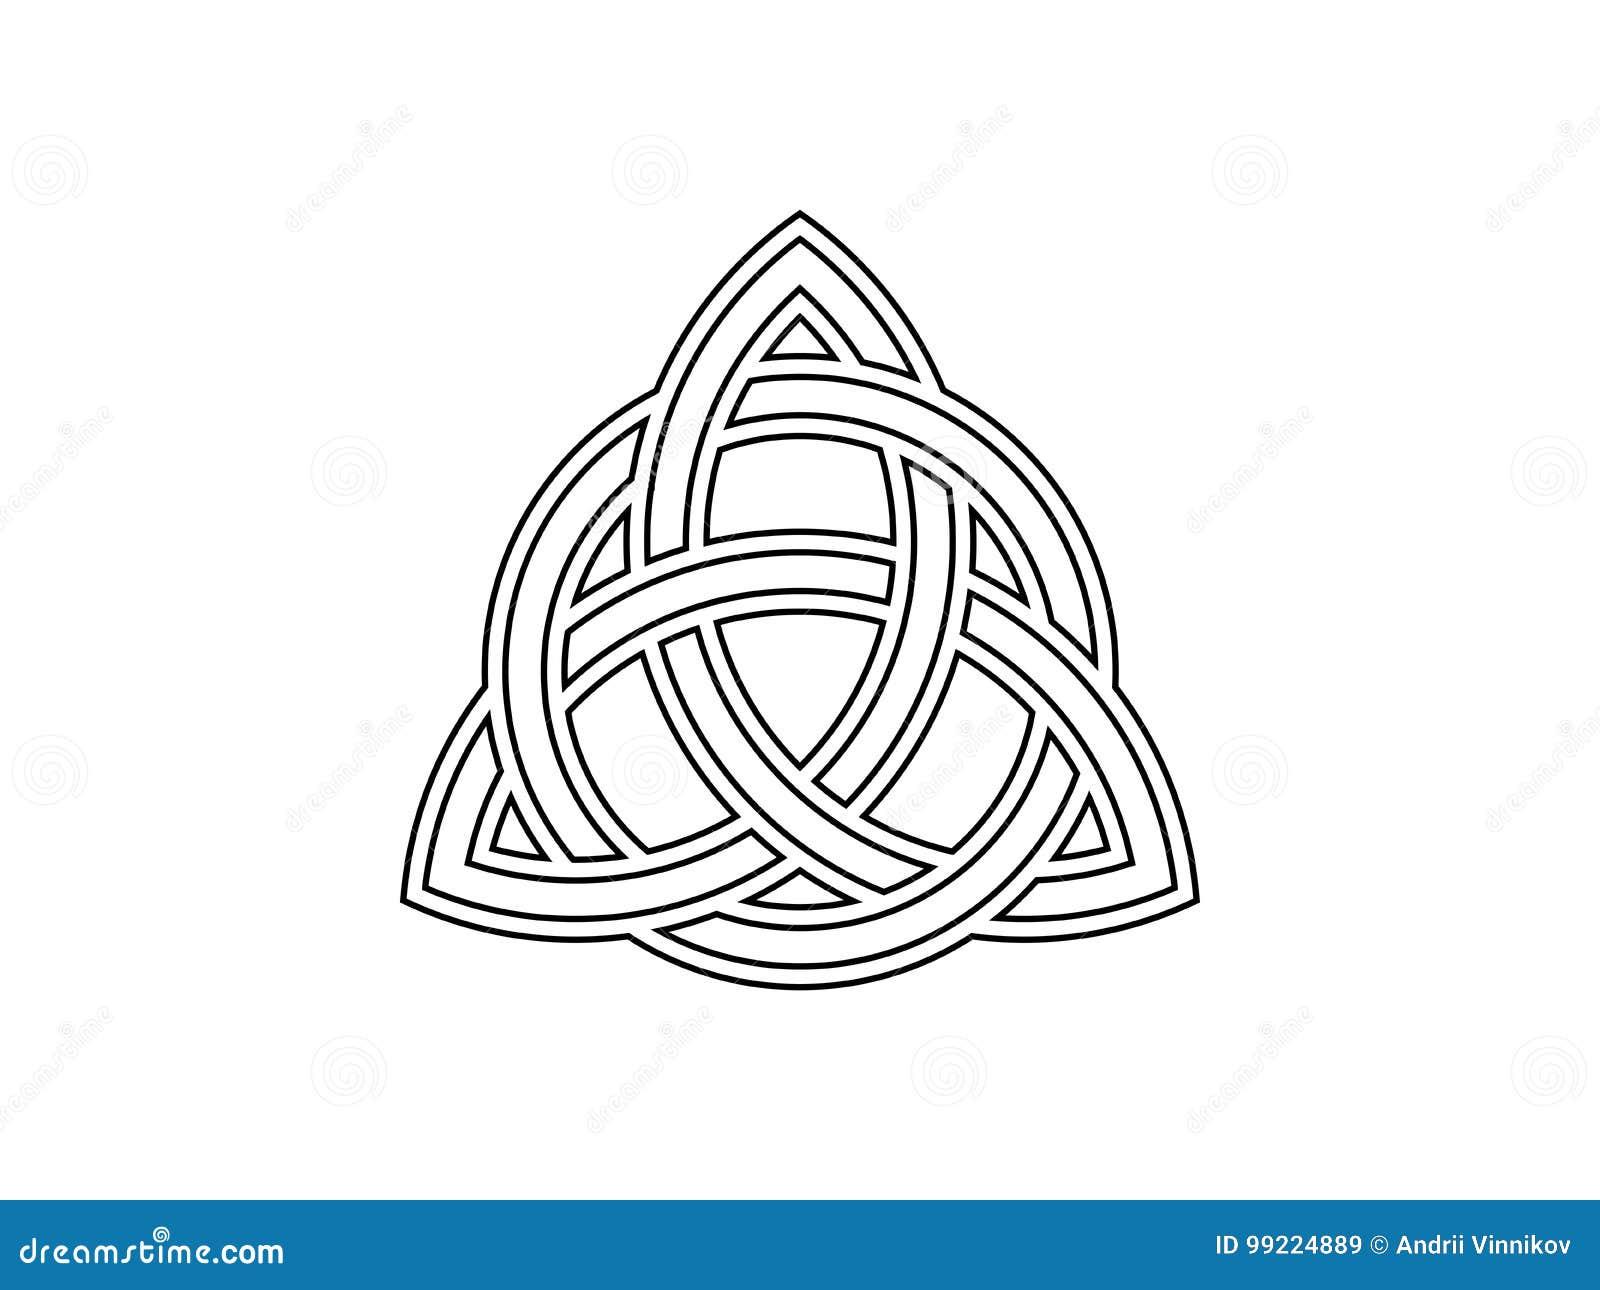 Triquetra Dreiheits Knoten Keltisches Symbol Der Ewigkeit Vektor